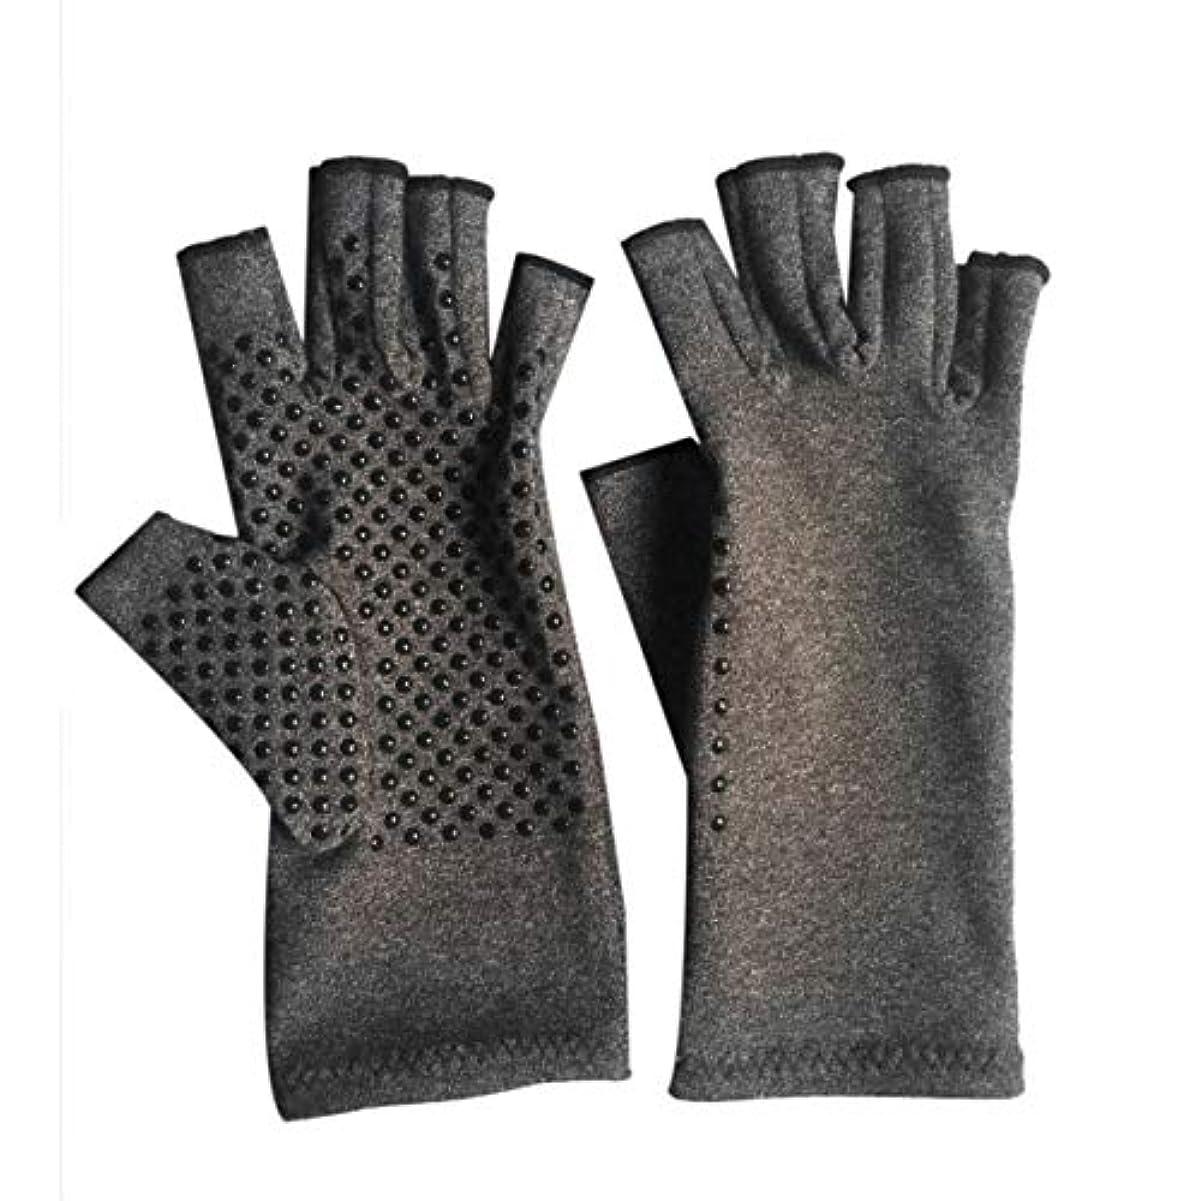 かみそりインデックス覚えている1ペアユニセックス男性女性療法圧縮手袋関節炎関節痛緩和ヘルスケア半指手袋トレーニング手袋 - グレーM